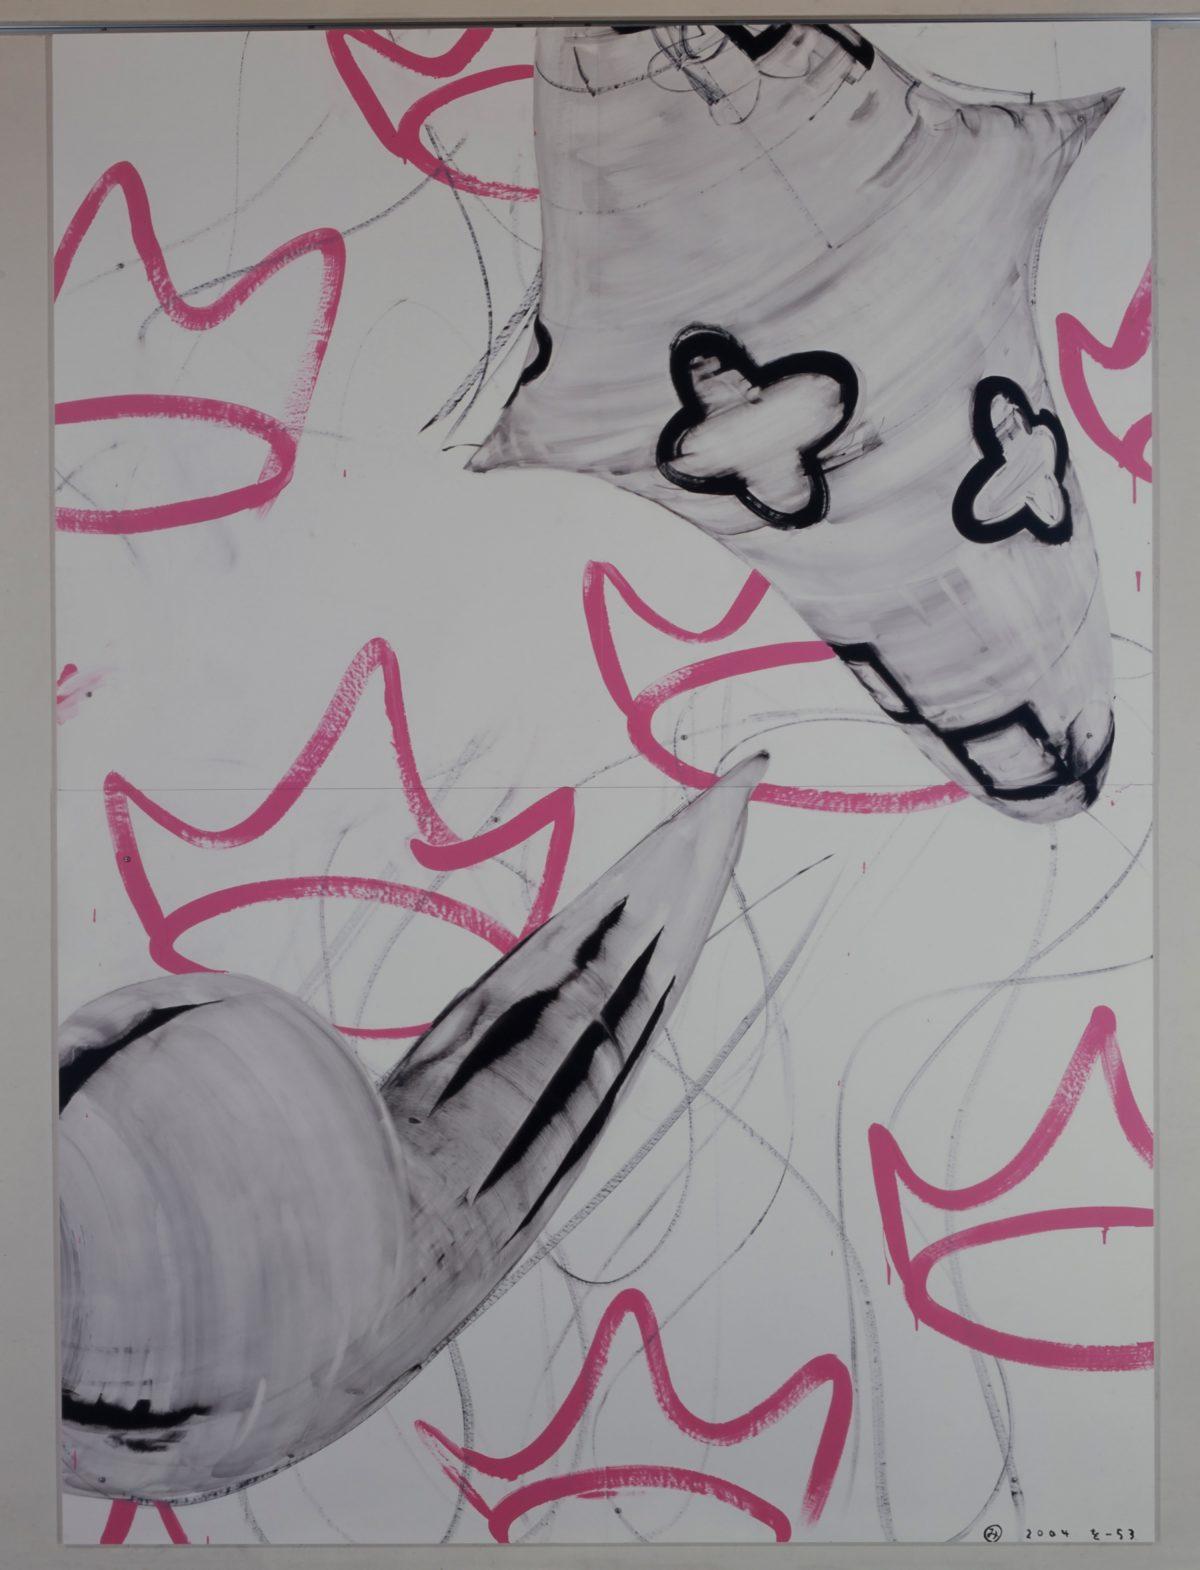 をー53|2004年, グアッシュ、アクリル絵の具、合成紙, 218×157㎝